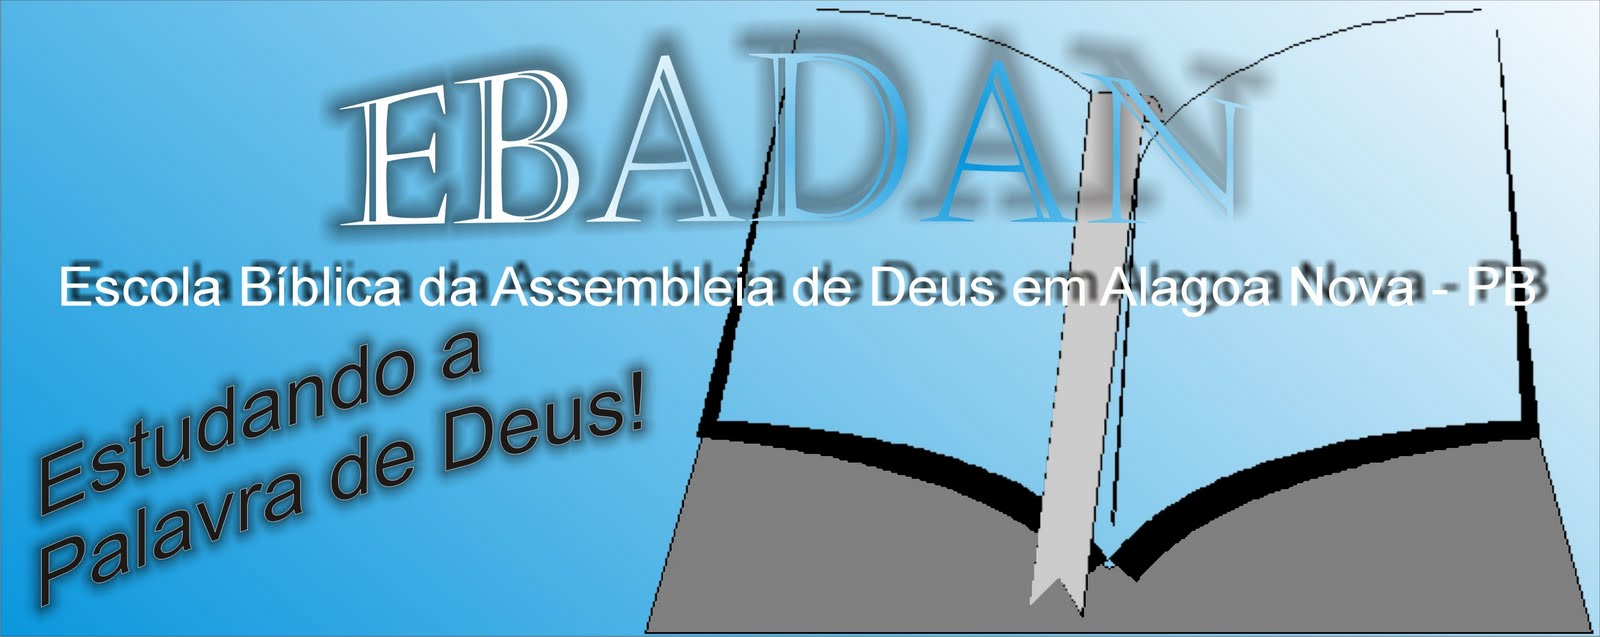 Escola Bíblica da AD em Alagoa Nova